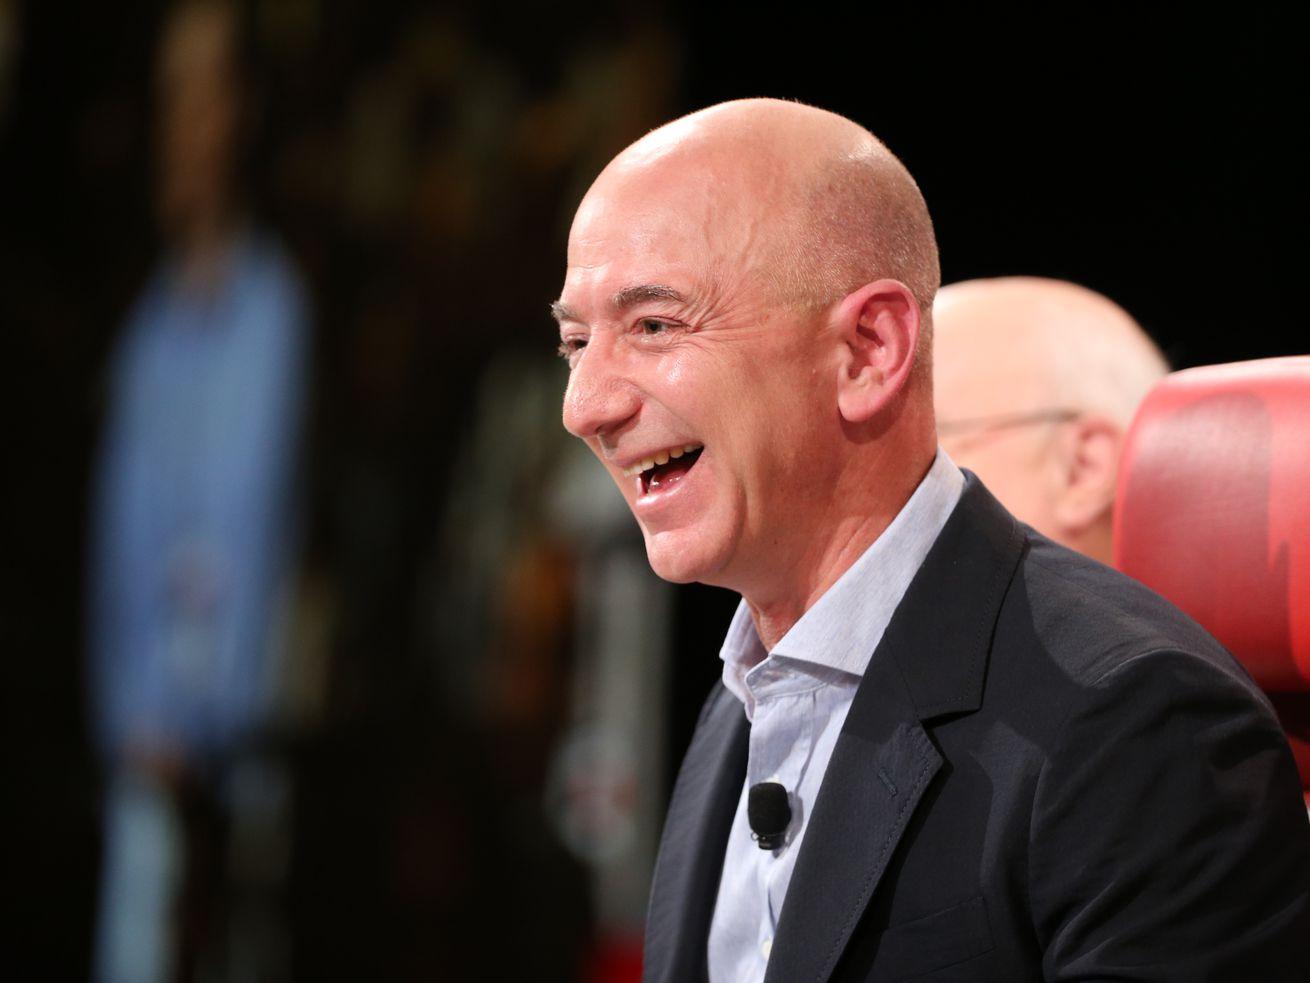 Jeff Bezos says Amazon has more than 100 million Prime members